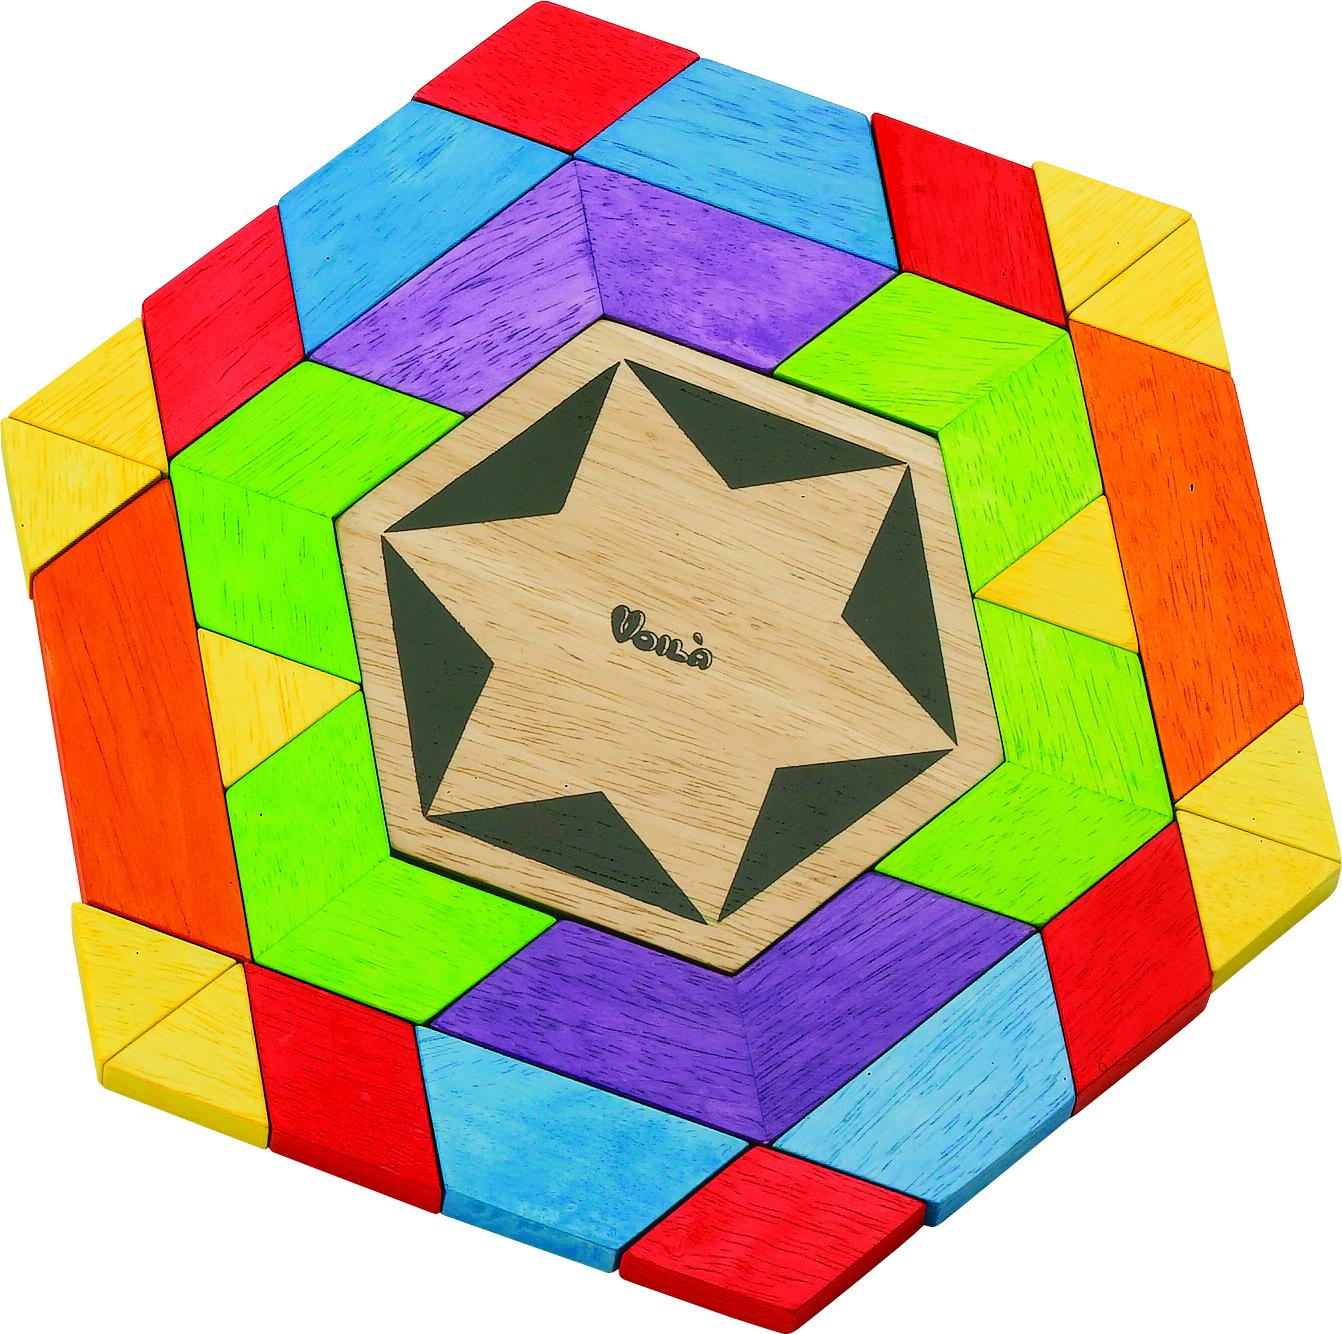 บล๊อคสร้างสรรค์ ของเล่นพัฒนาสติปัญญาเด็ก ของเล่นฝึกสมอง ของเล่นไม้